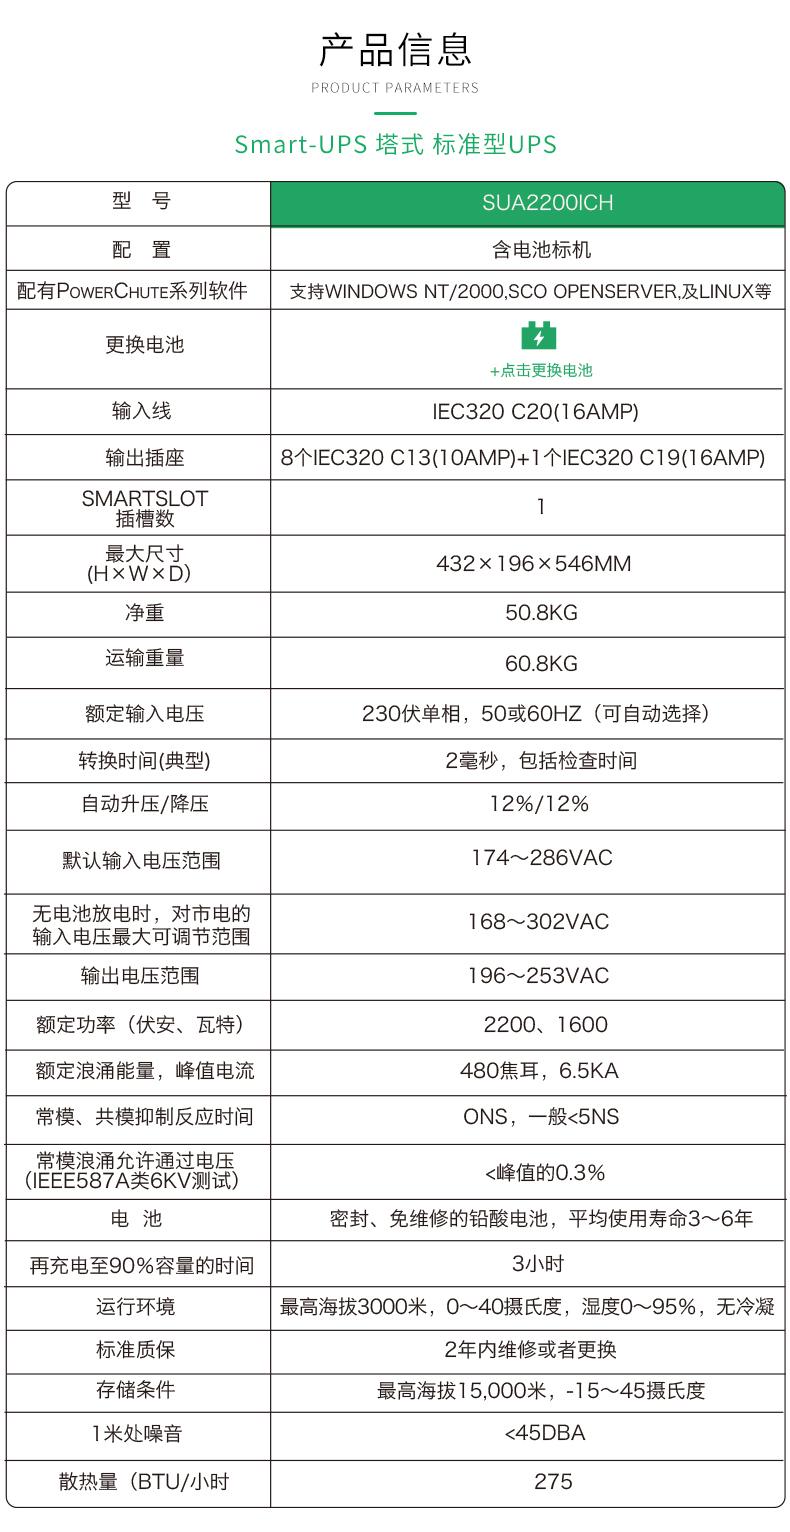 APC UPS电源 SUA2200ICH参数,型号